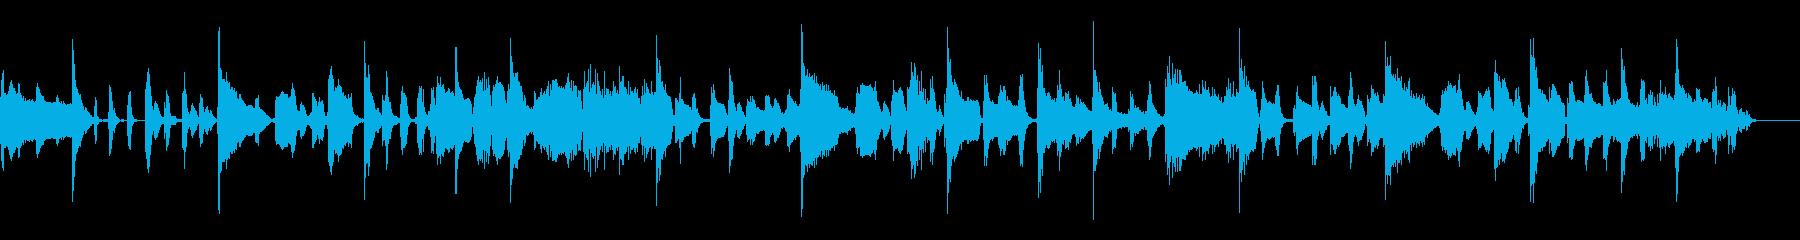 【15秒CM】チルムードファンク生演奏の再生済みの波形